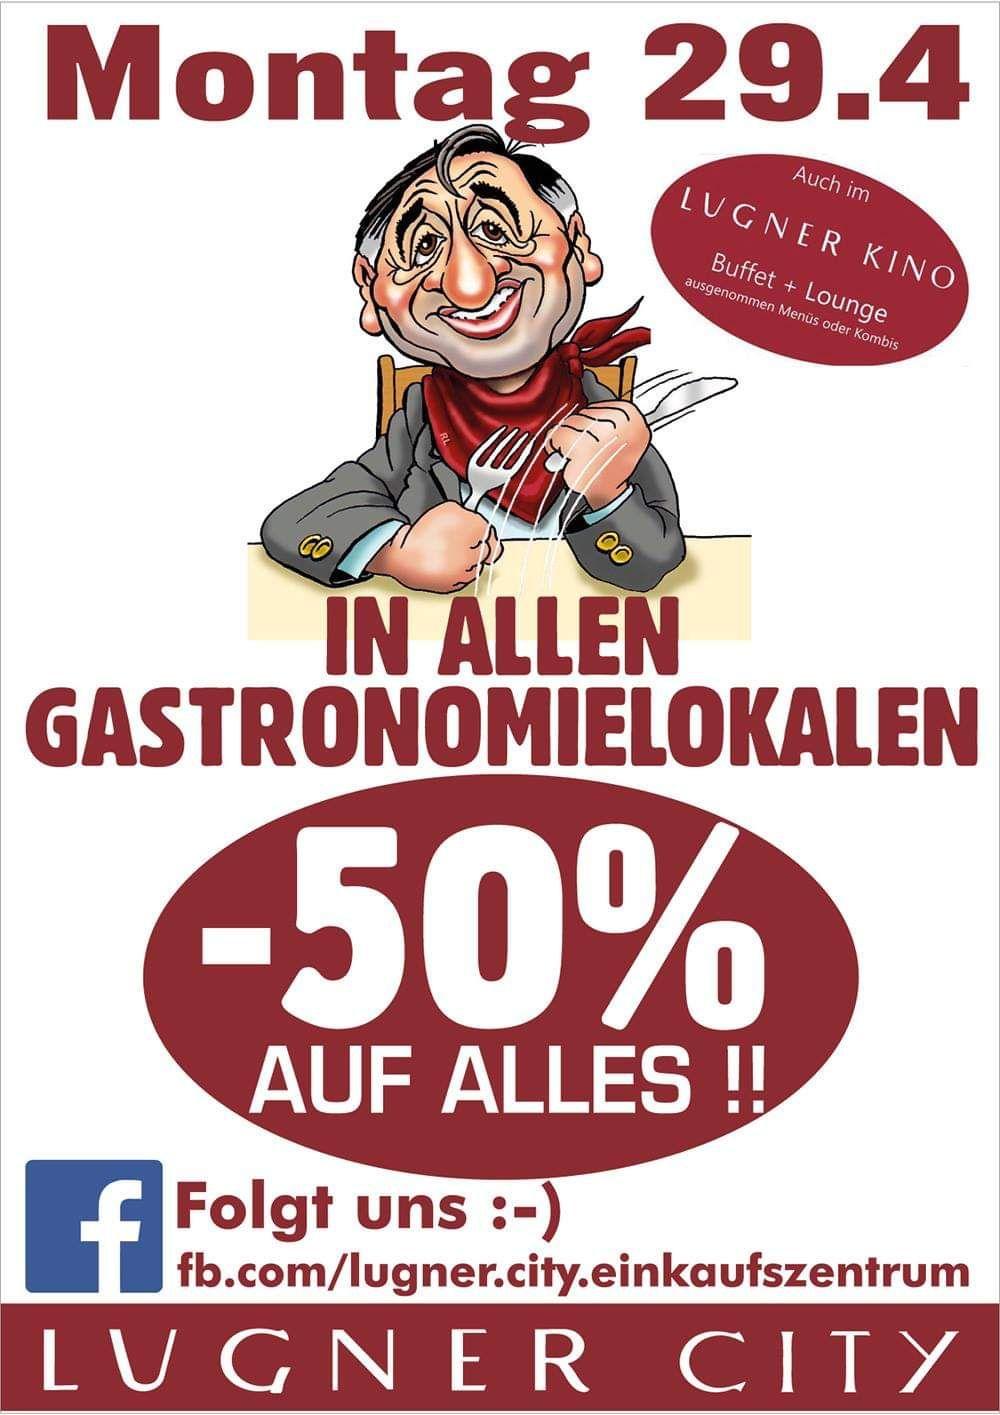 Lugner City: -50% in der Gastronomie und am Kino Buffet